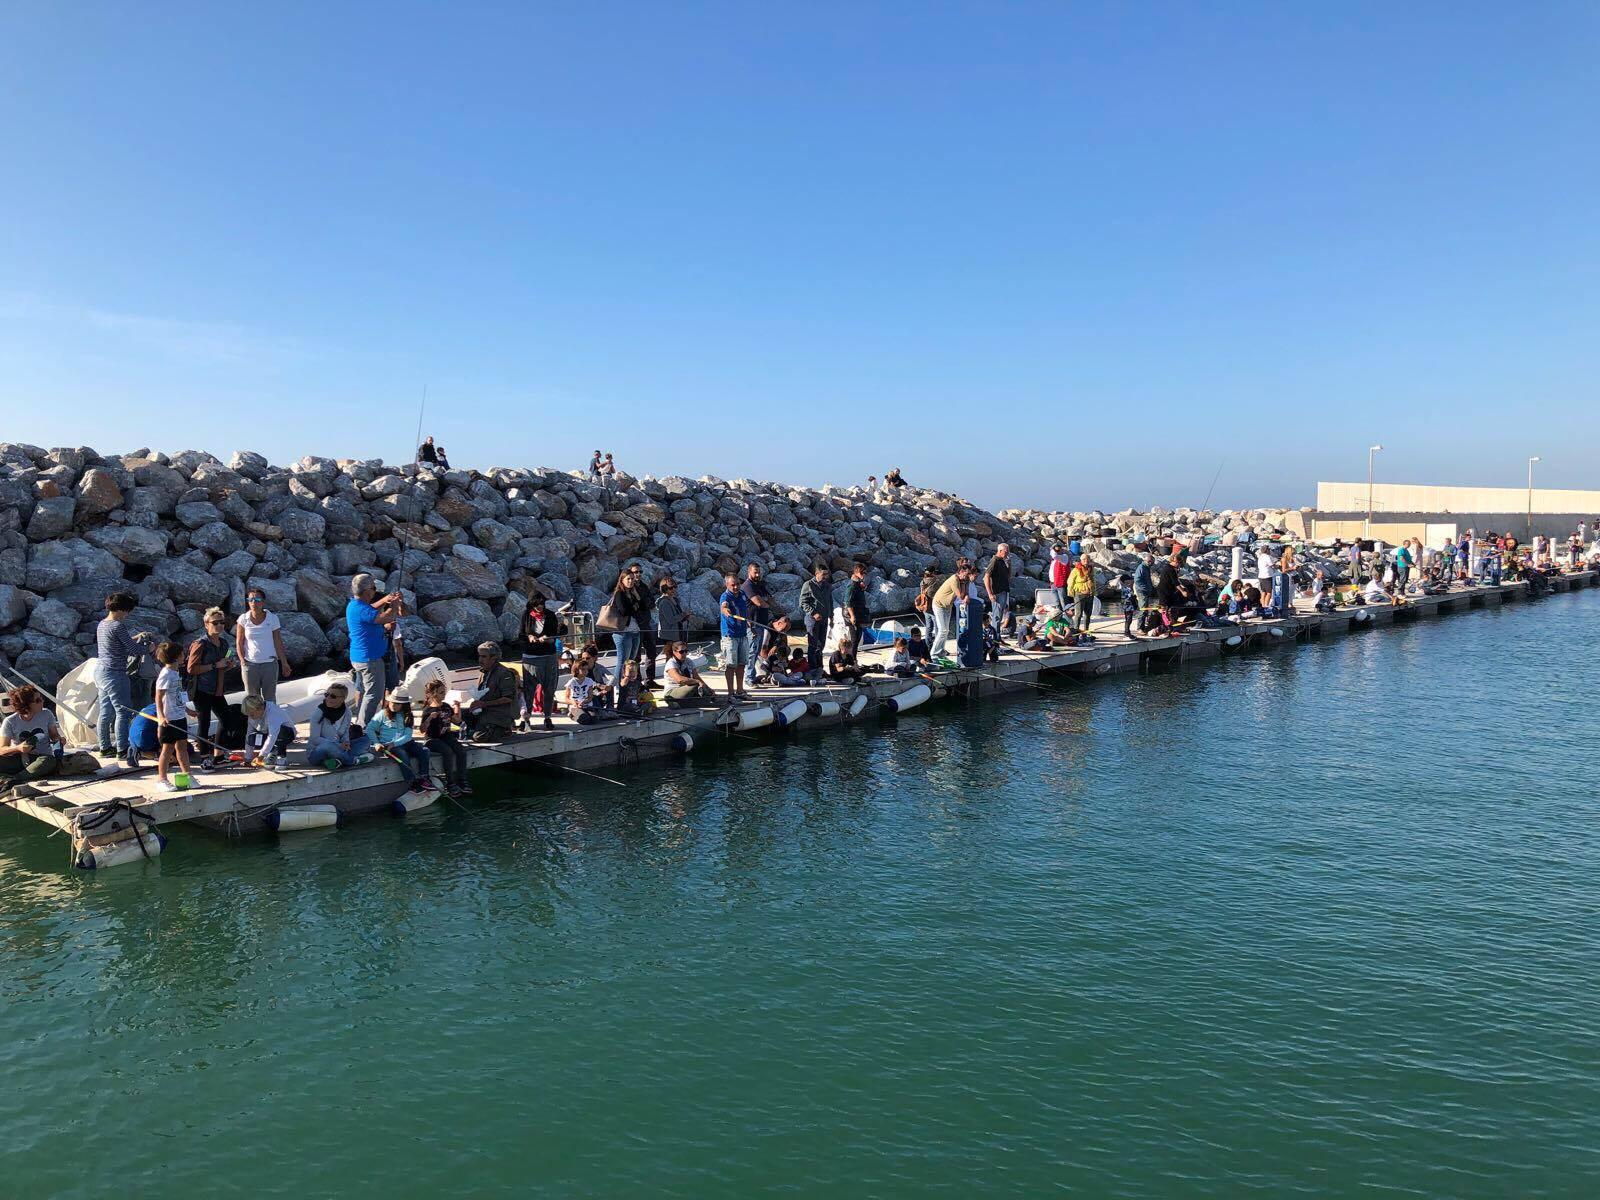 Il ritrovo in pesca sul pontile galleggainte del Porto Turistico di Salivoli